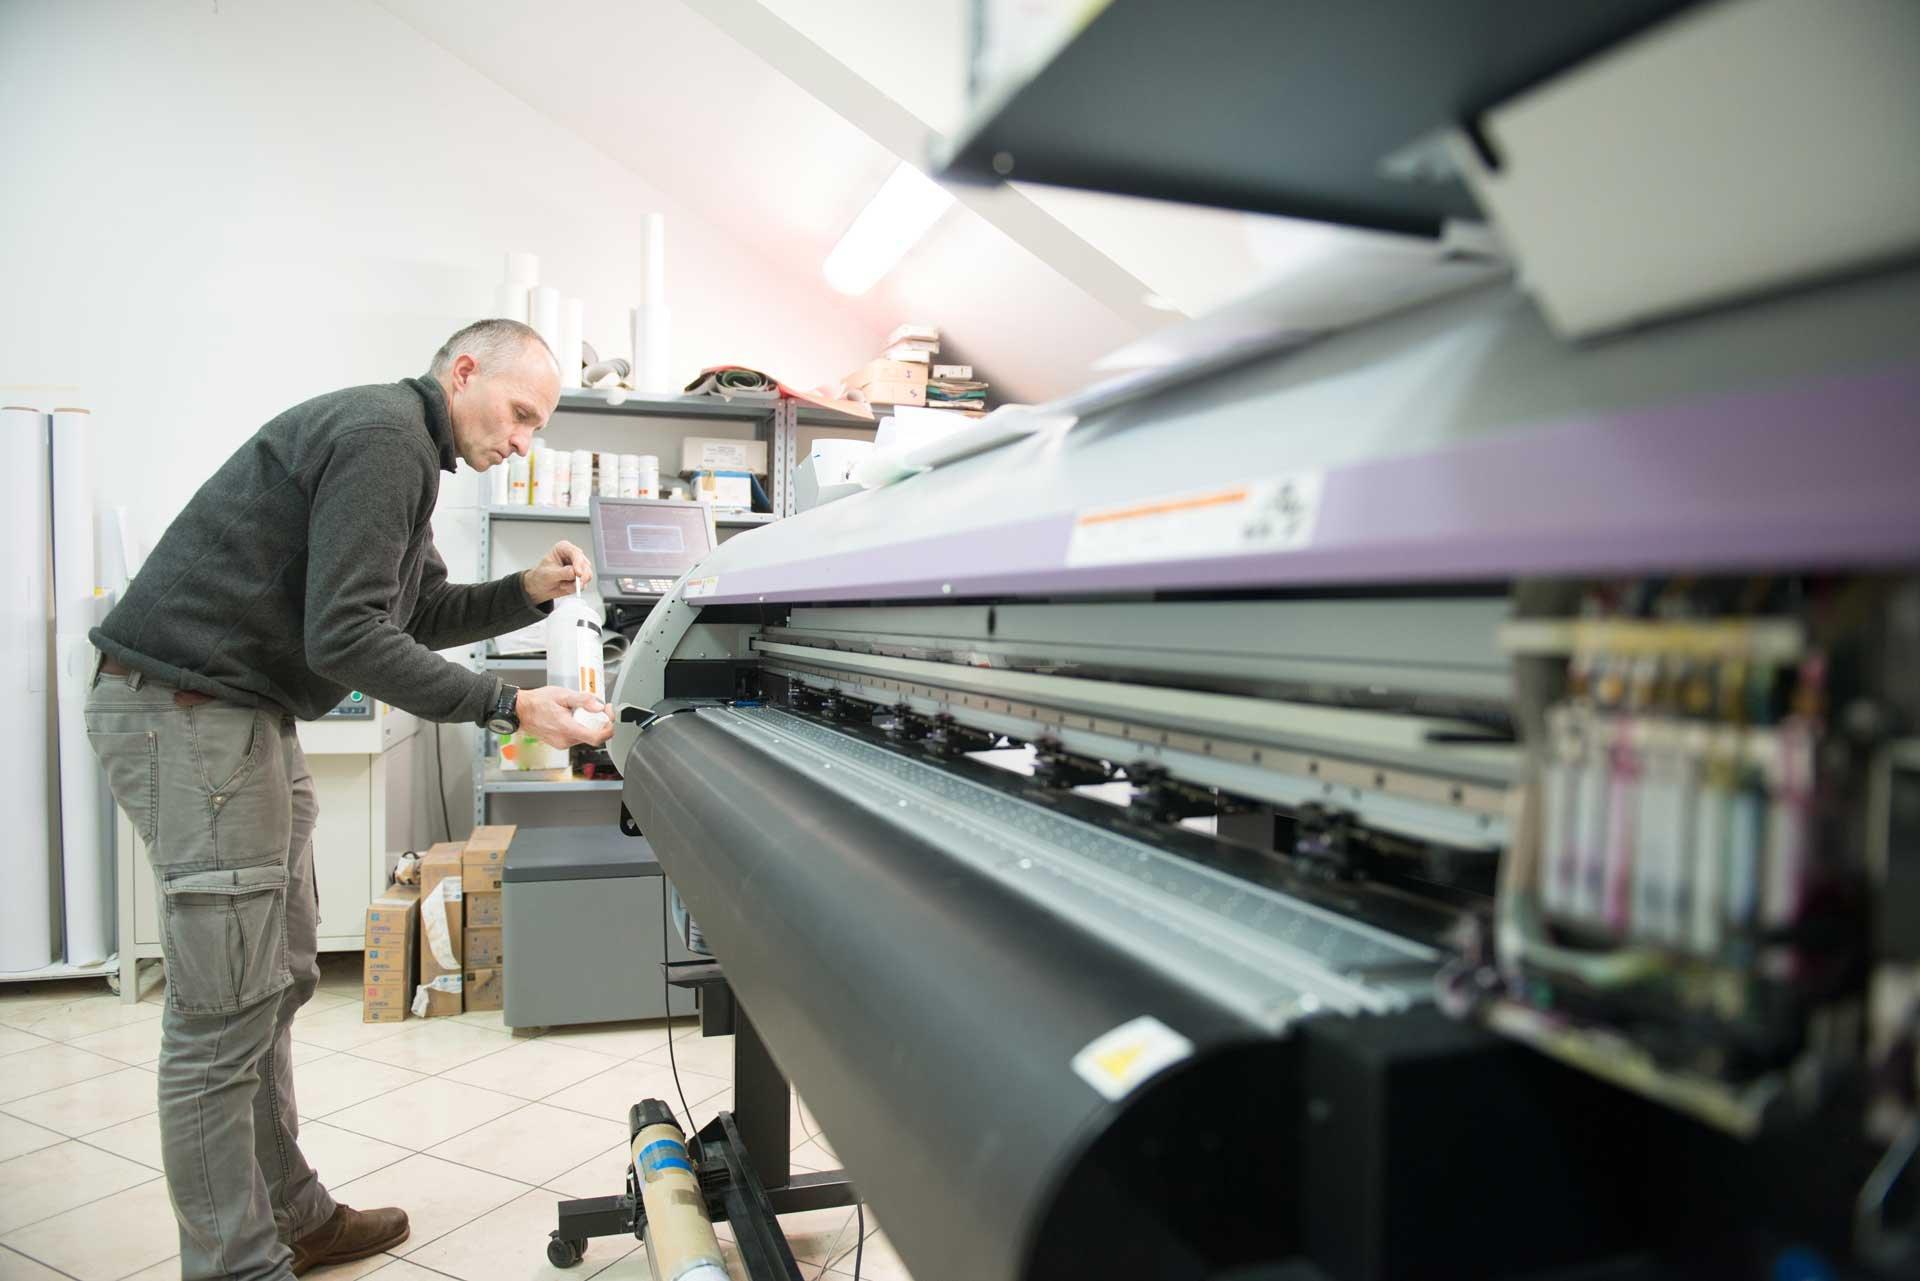 technician_swabbing_clean_large_format_printer